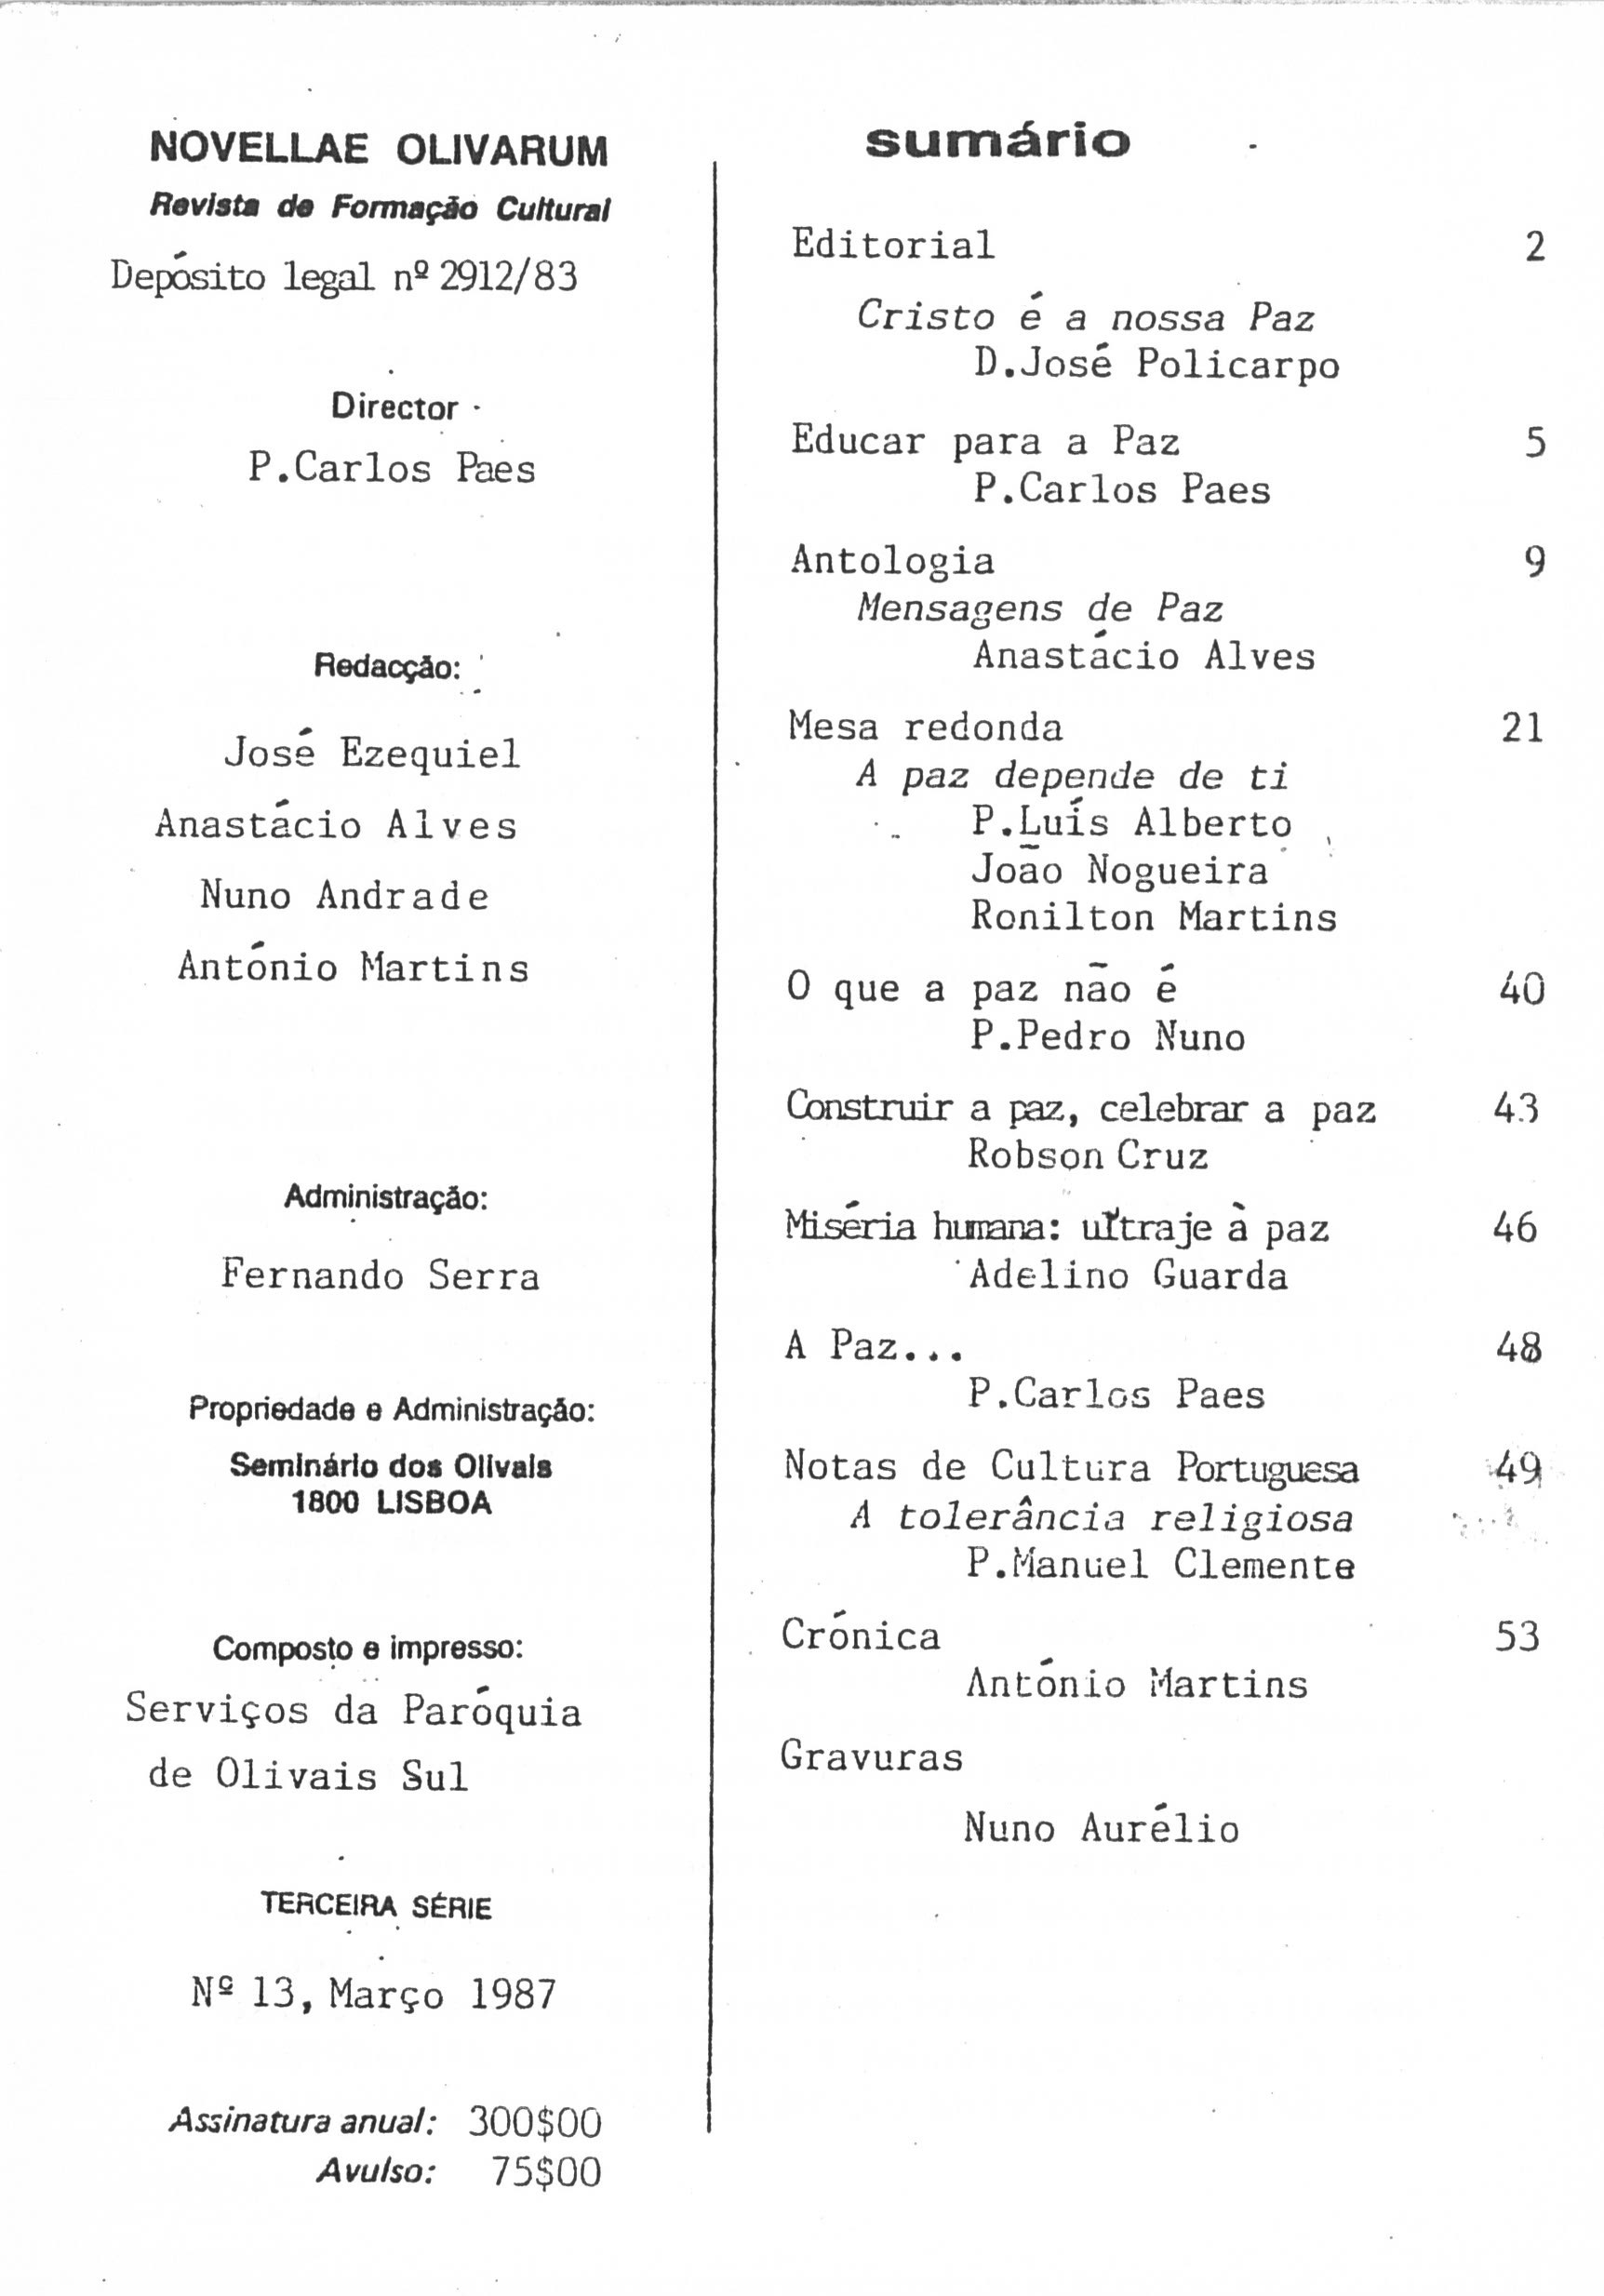 Revista Novellae Olivarum, nº 13 - Março de 1987 (índice)